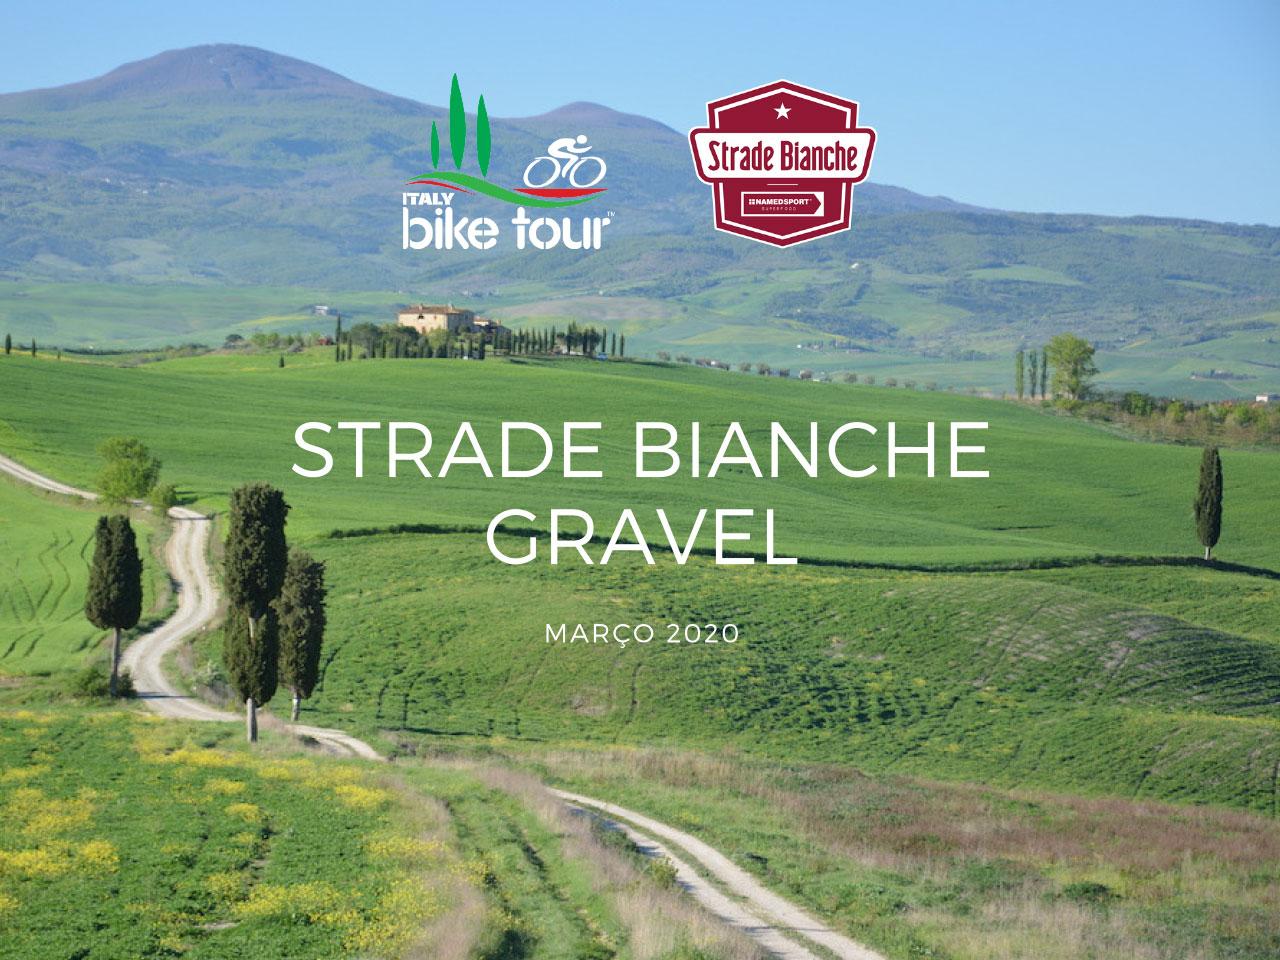 Italy Bike Tour – Março 2020